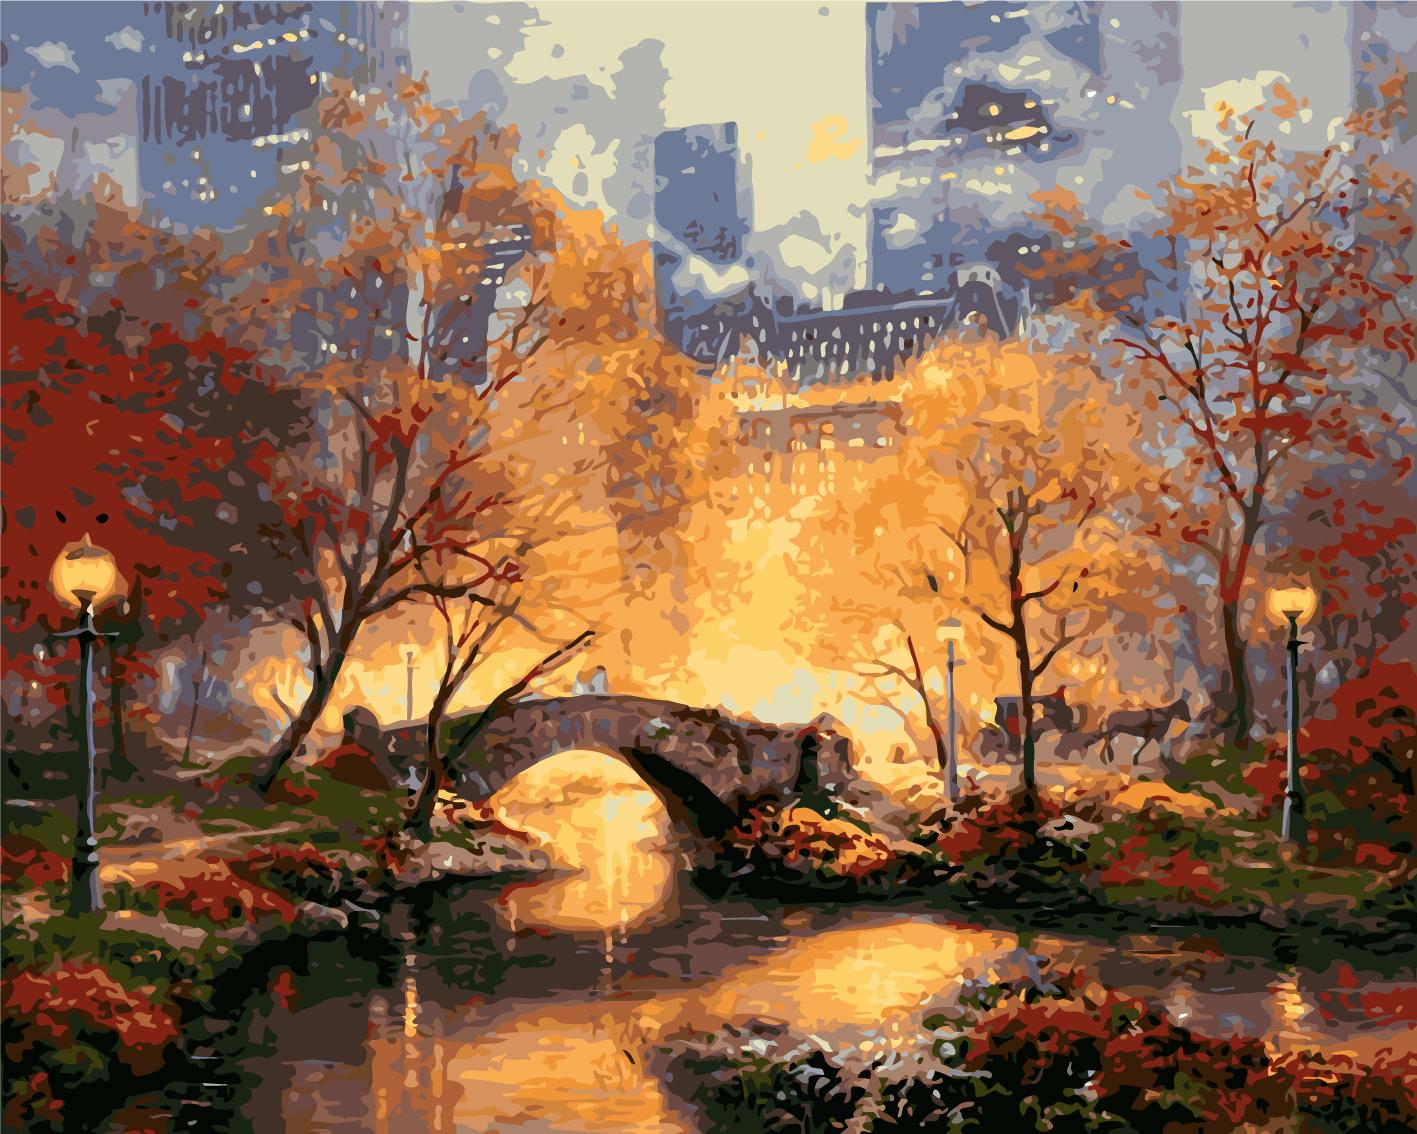 צביעה לפי מספרים - סנטרל פארק בסתיו